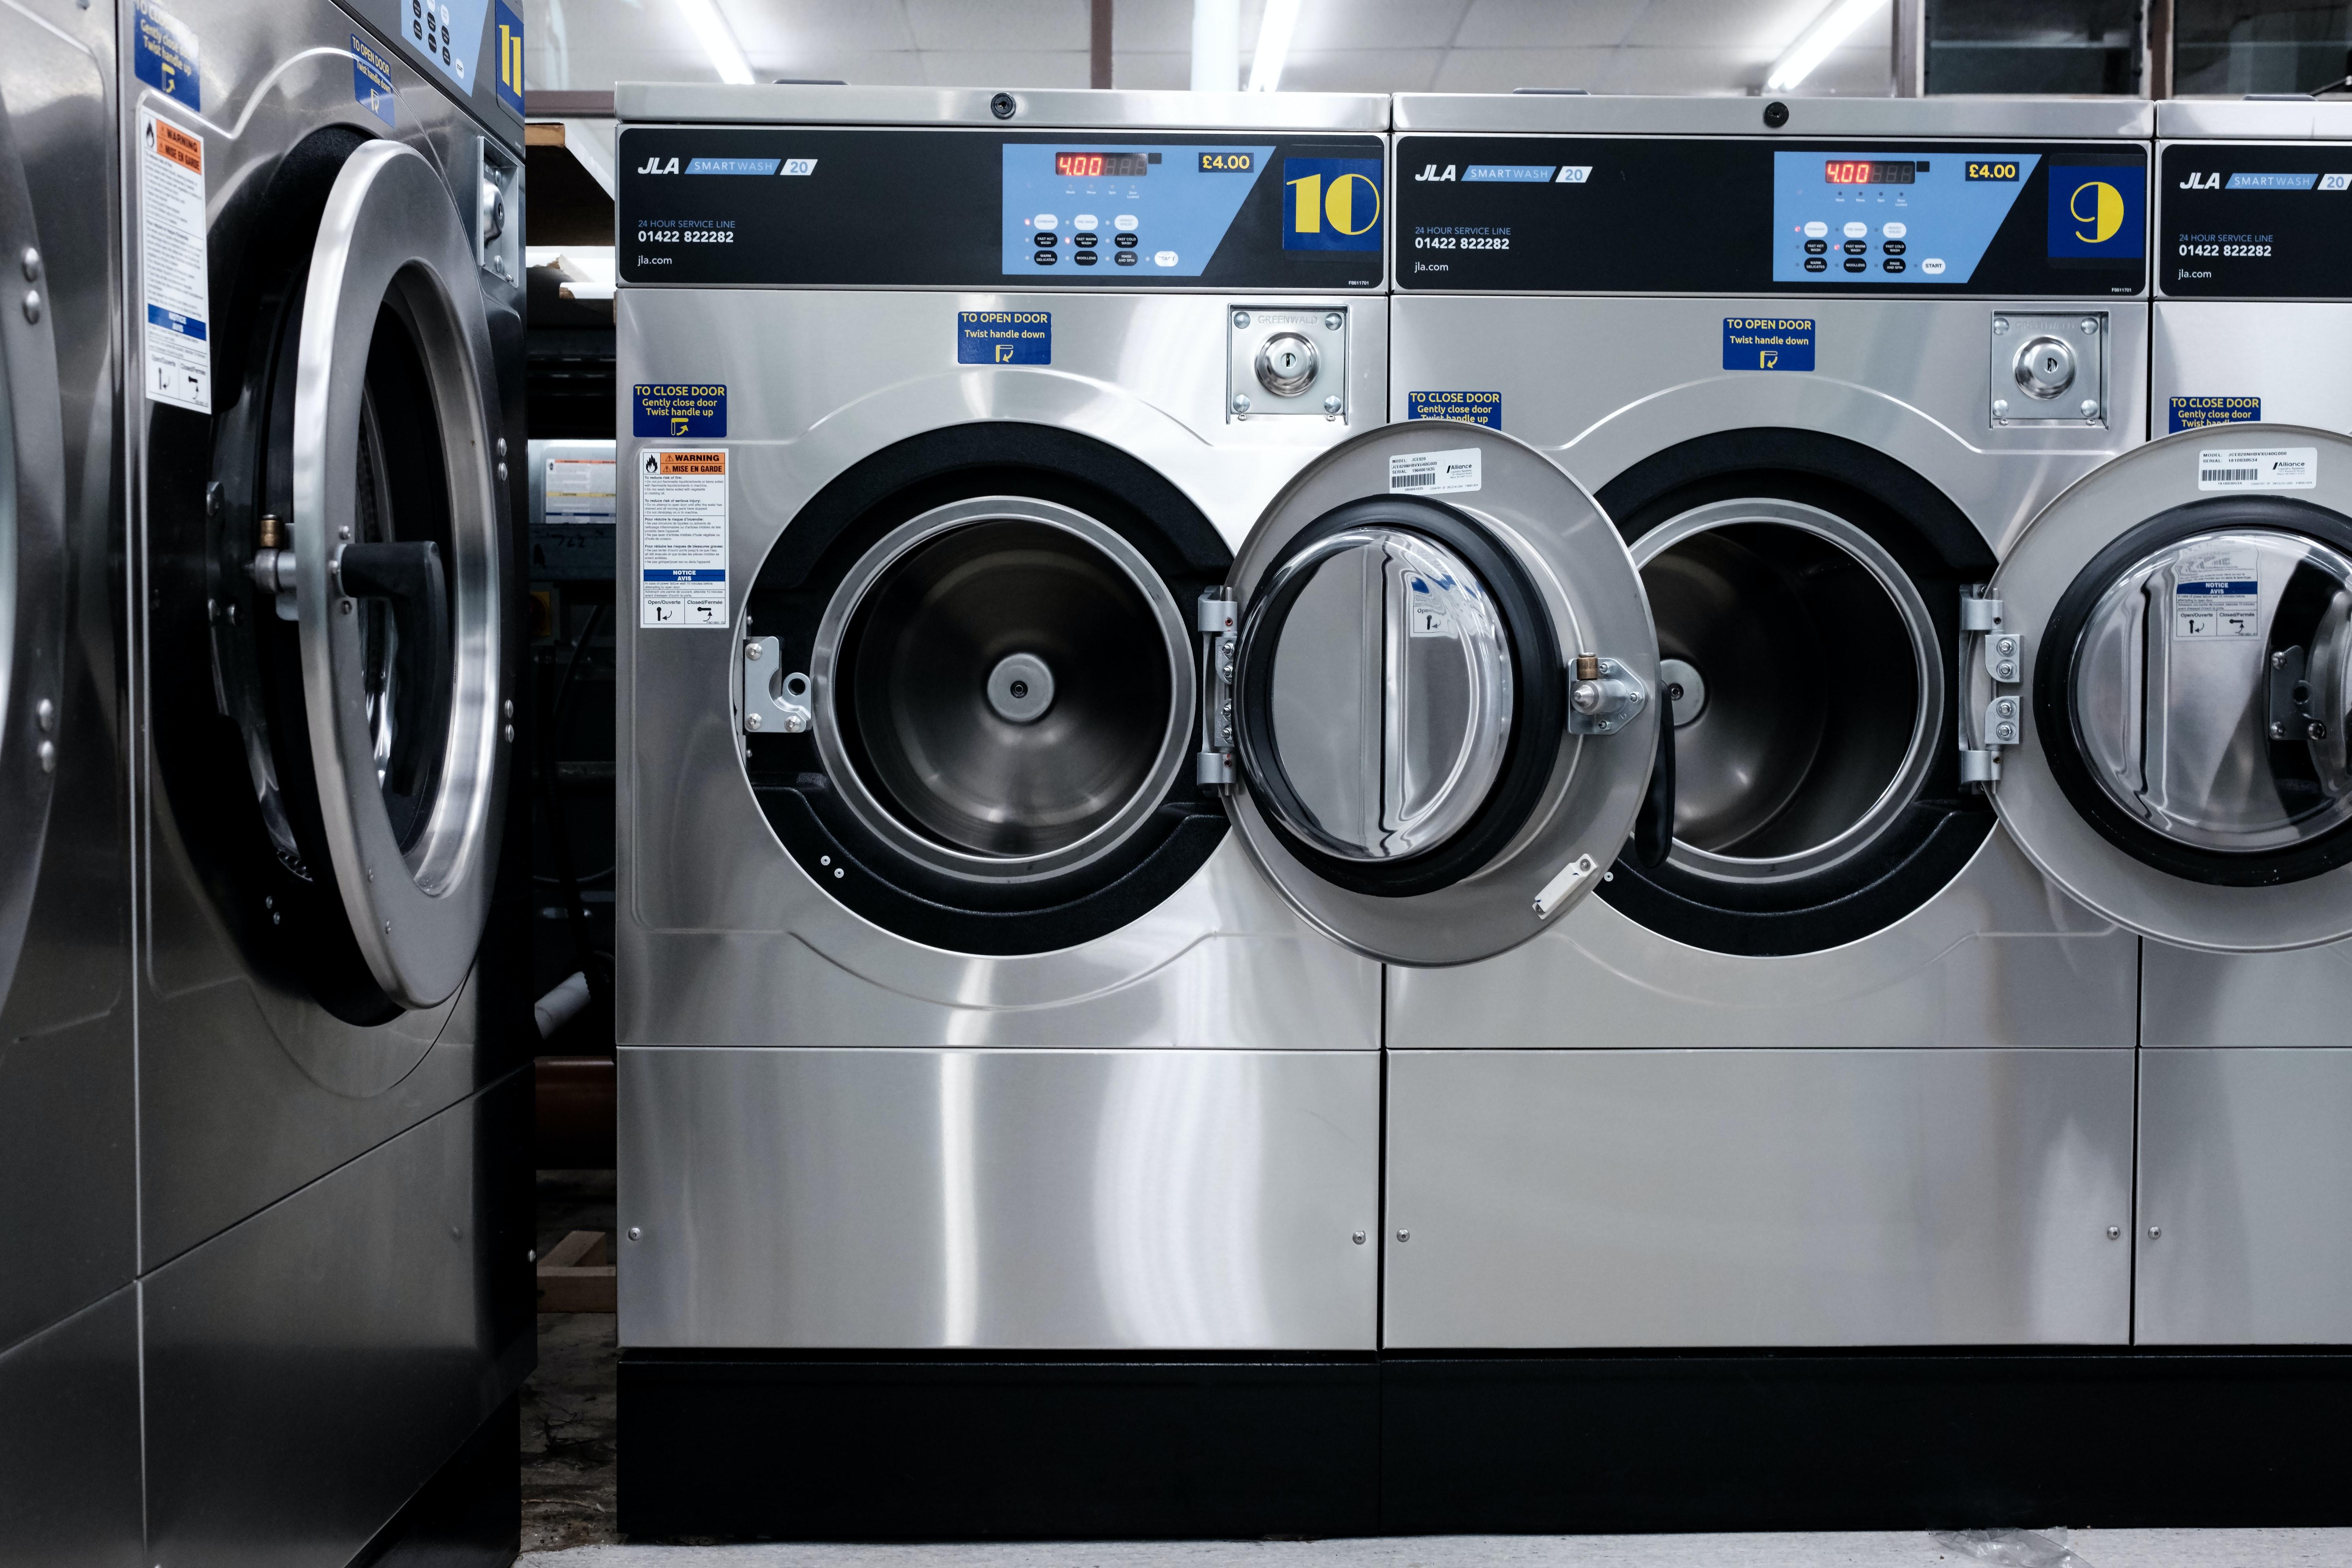 Las lavadoras y secadoras se encuentran entre los electrodomésticos que más consumen - Chippio